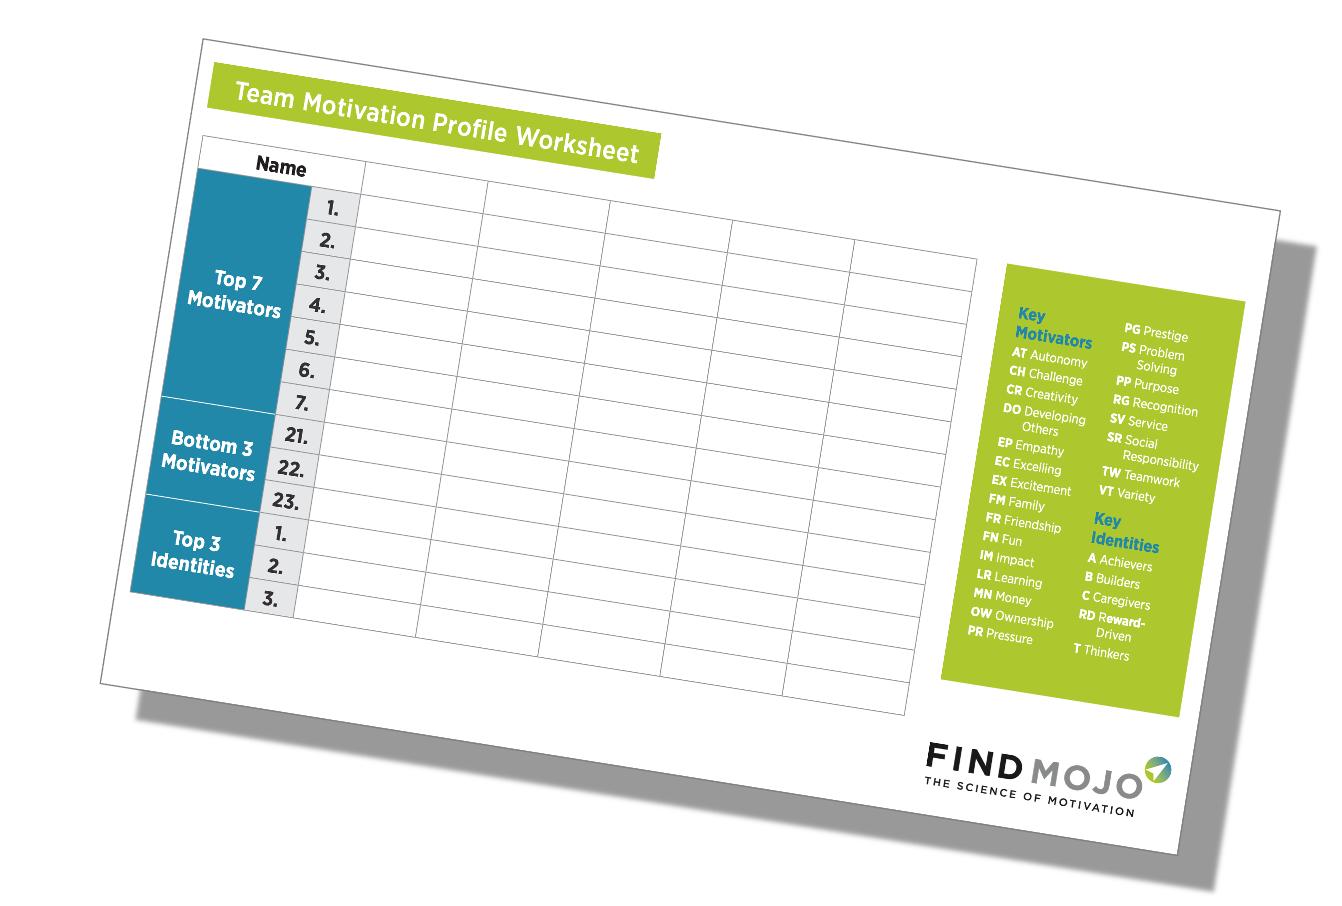 team motivation profile worksheet sample